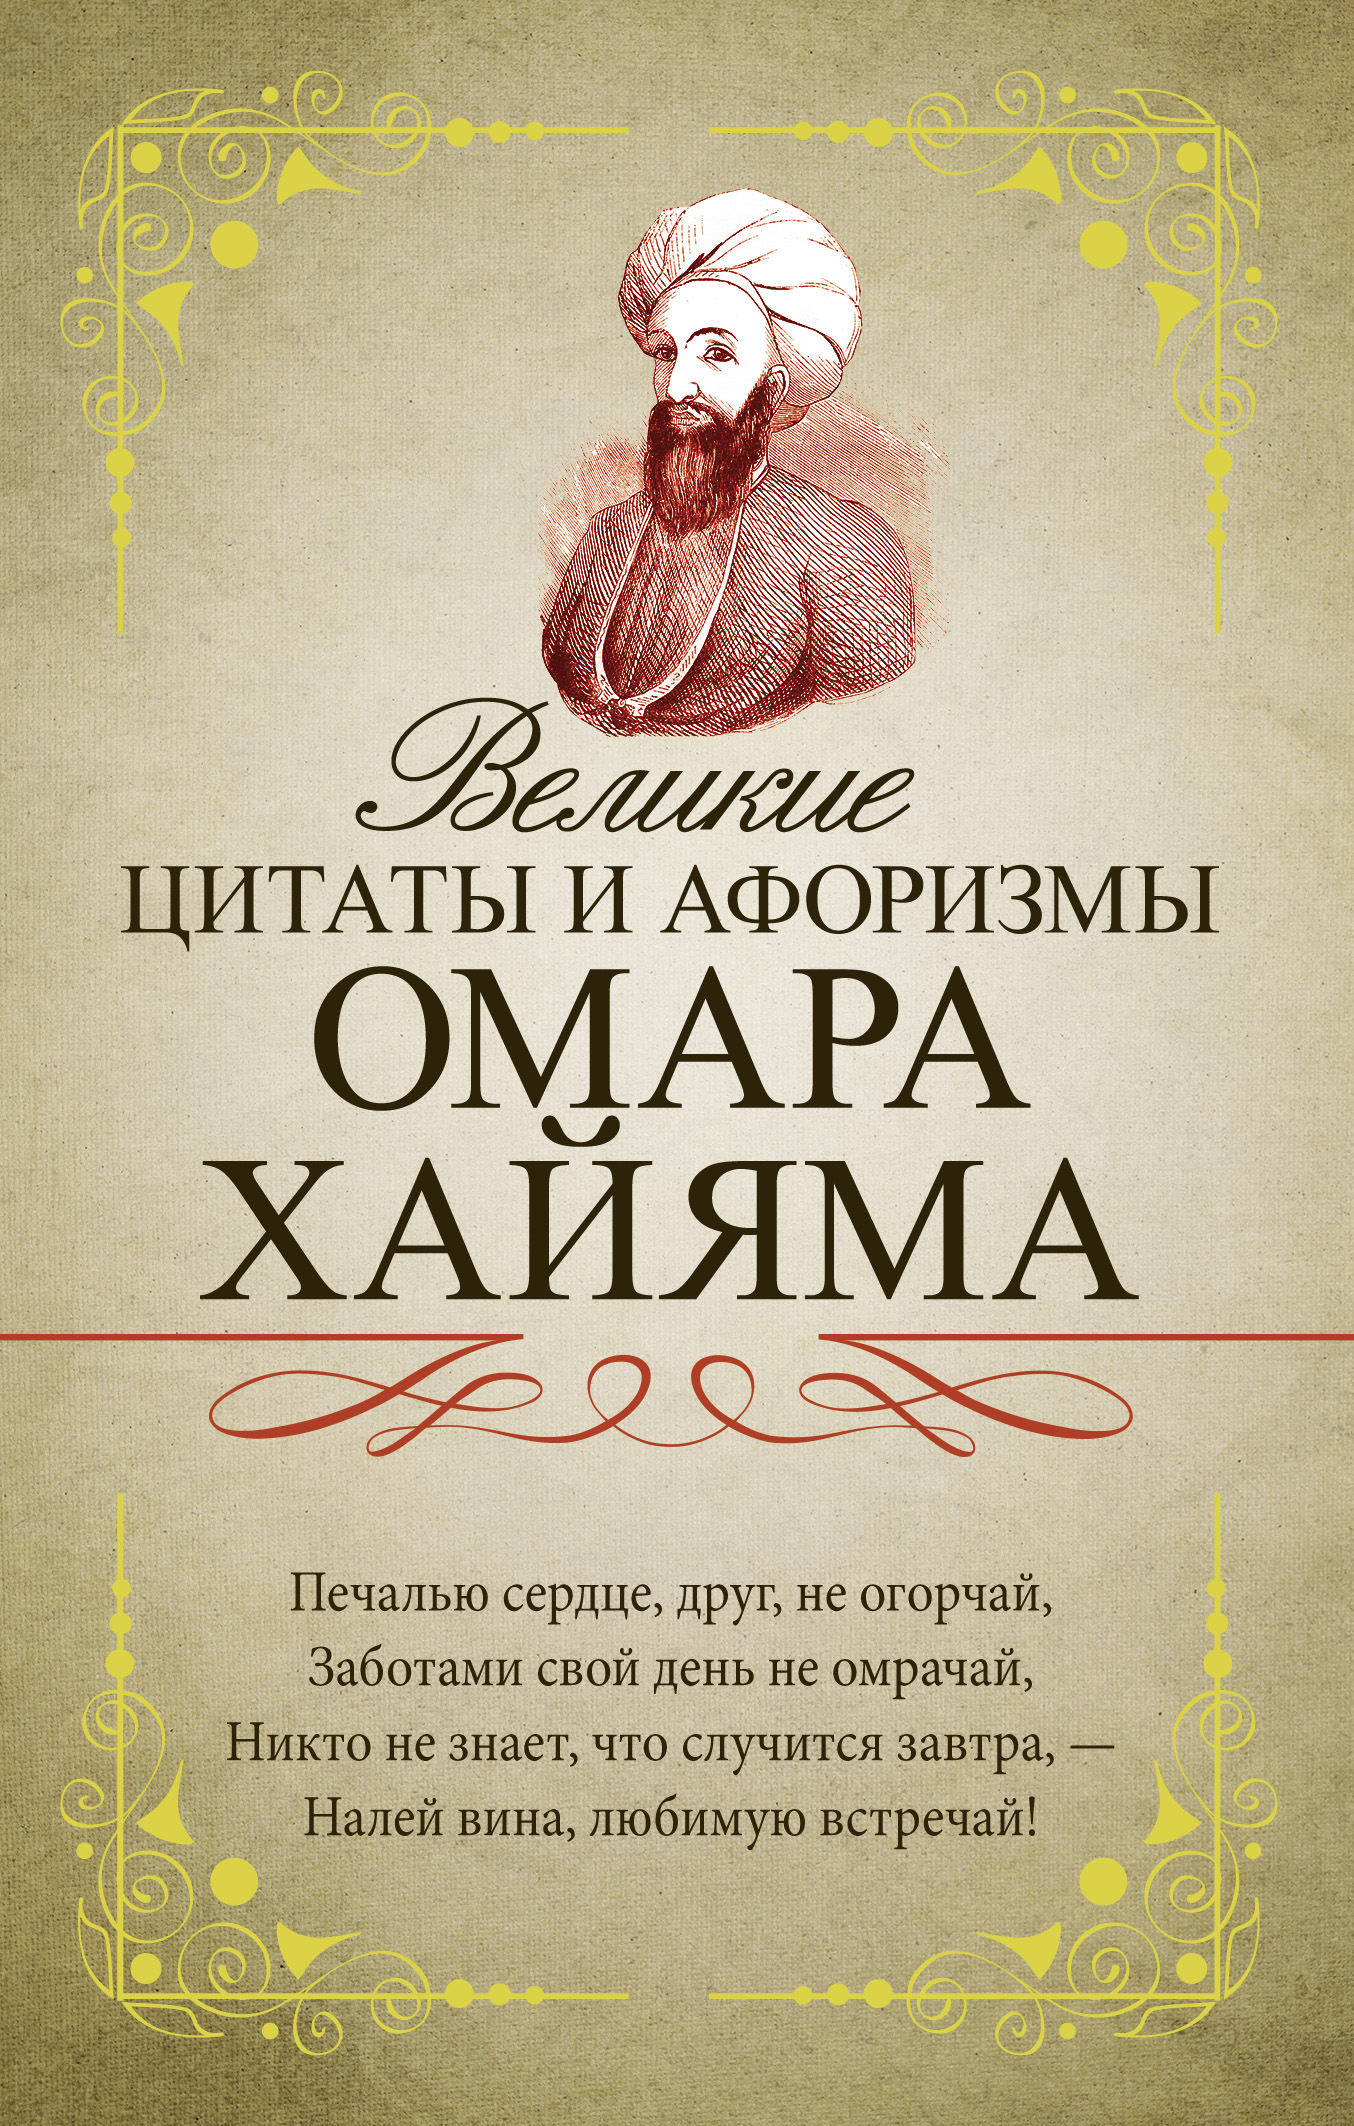 Великие цитаты и афоризмы Омара Хайяма от book24.ru